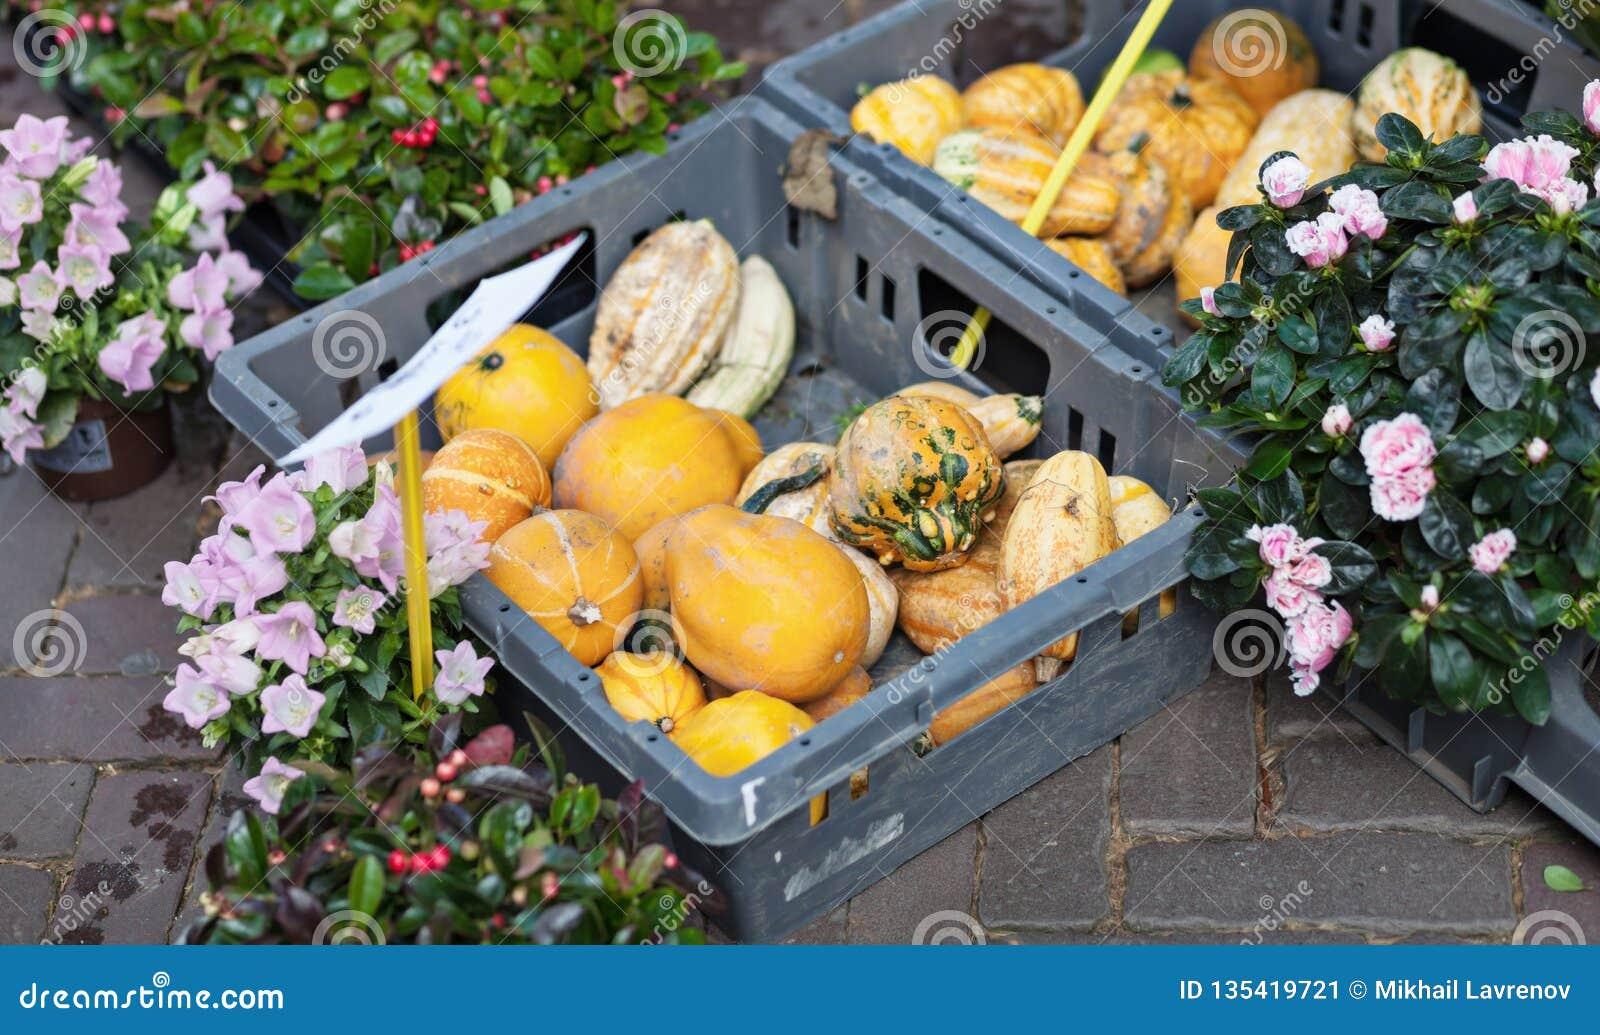 Calabazas y flores en el mercado callejero abierto